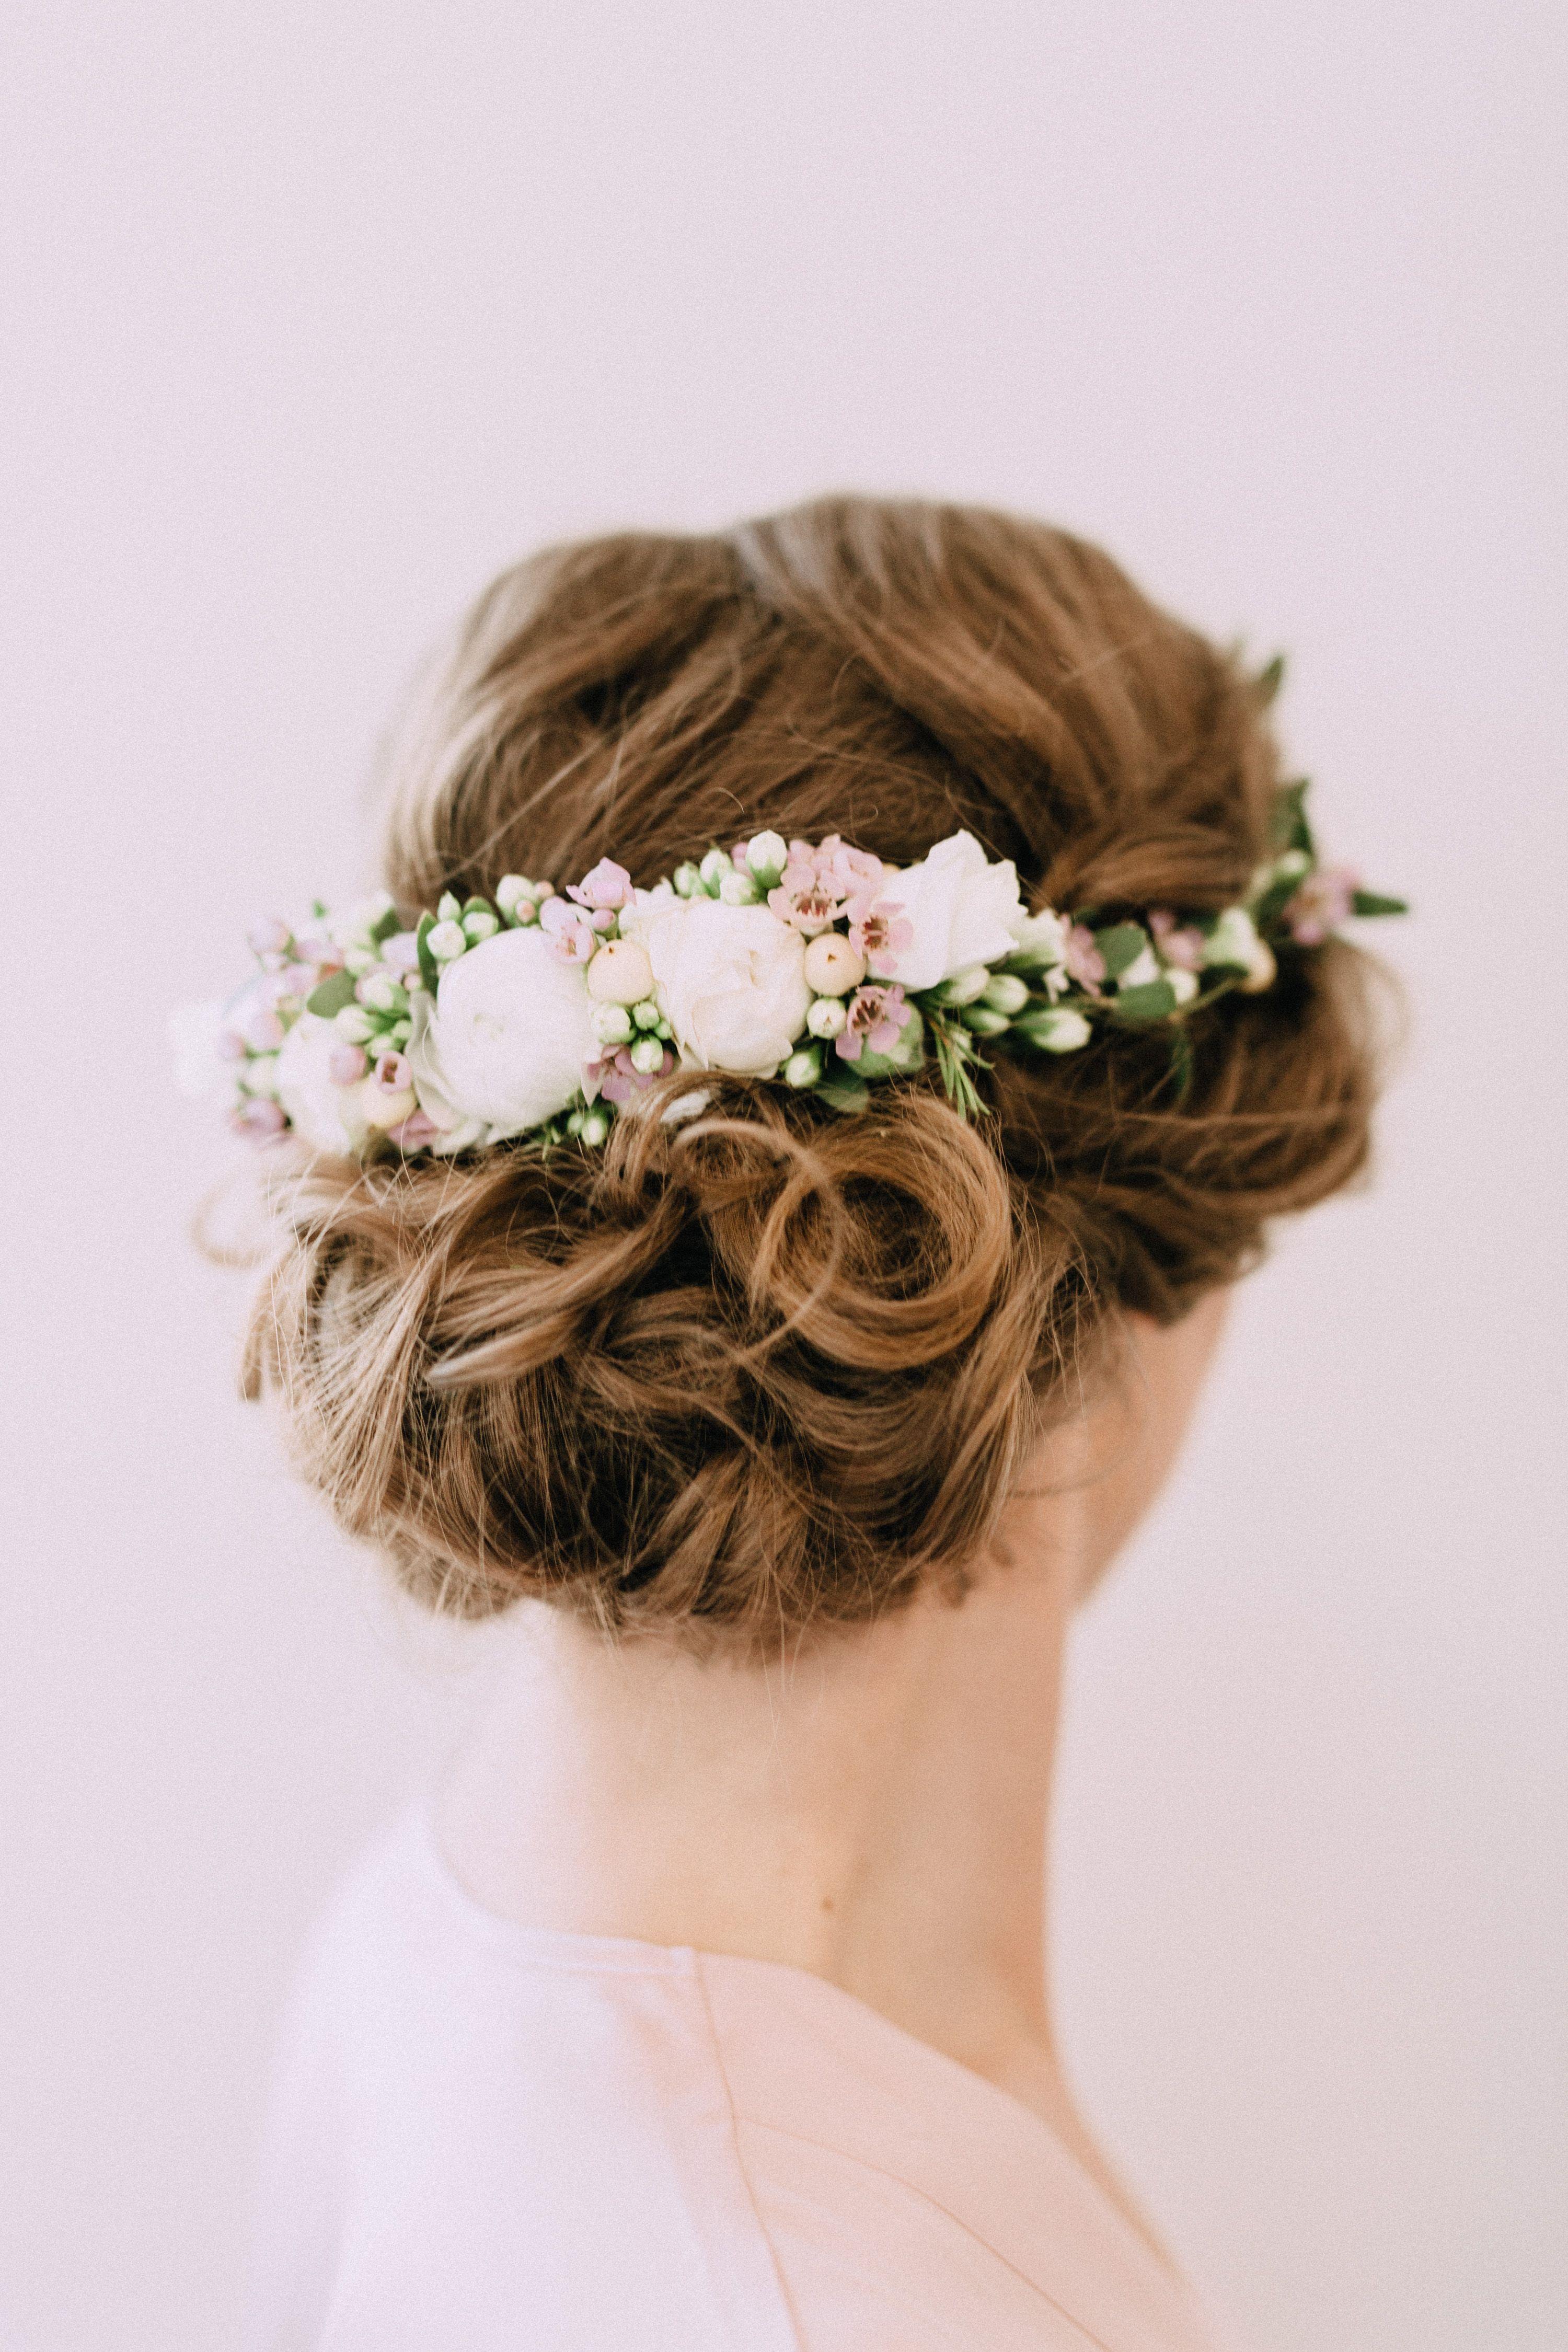 Inna Studio Flowers For Hair Kwiaty We Wlosach Polwianek Na Slub Wedding Fot Bajkow Wedding Guest Hairstyles Indian Bridal Hairstyles Bride Hairstyles